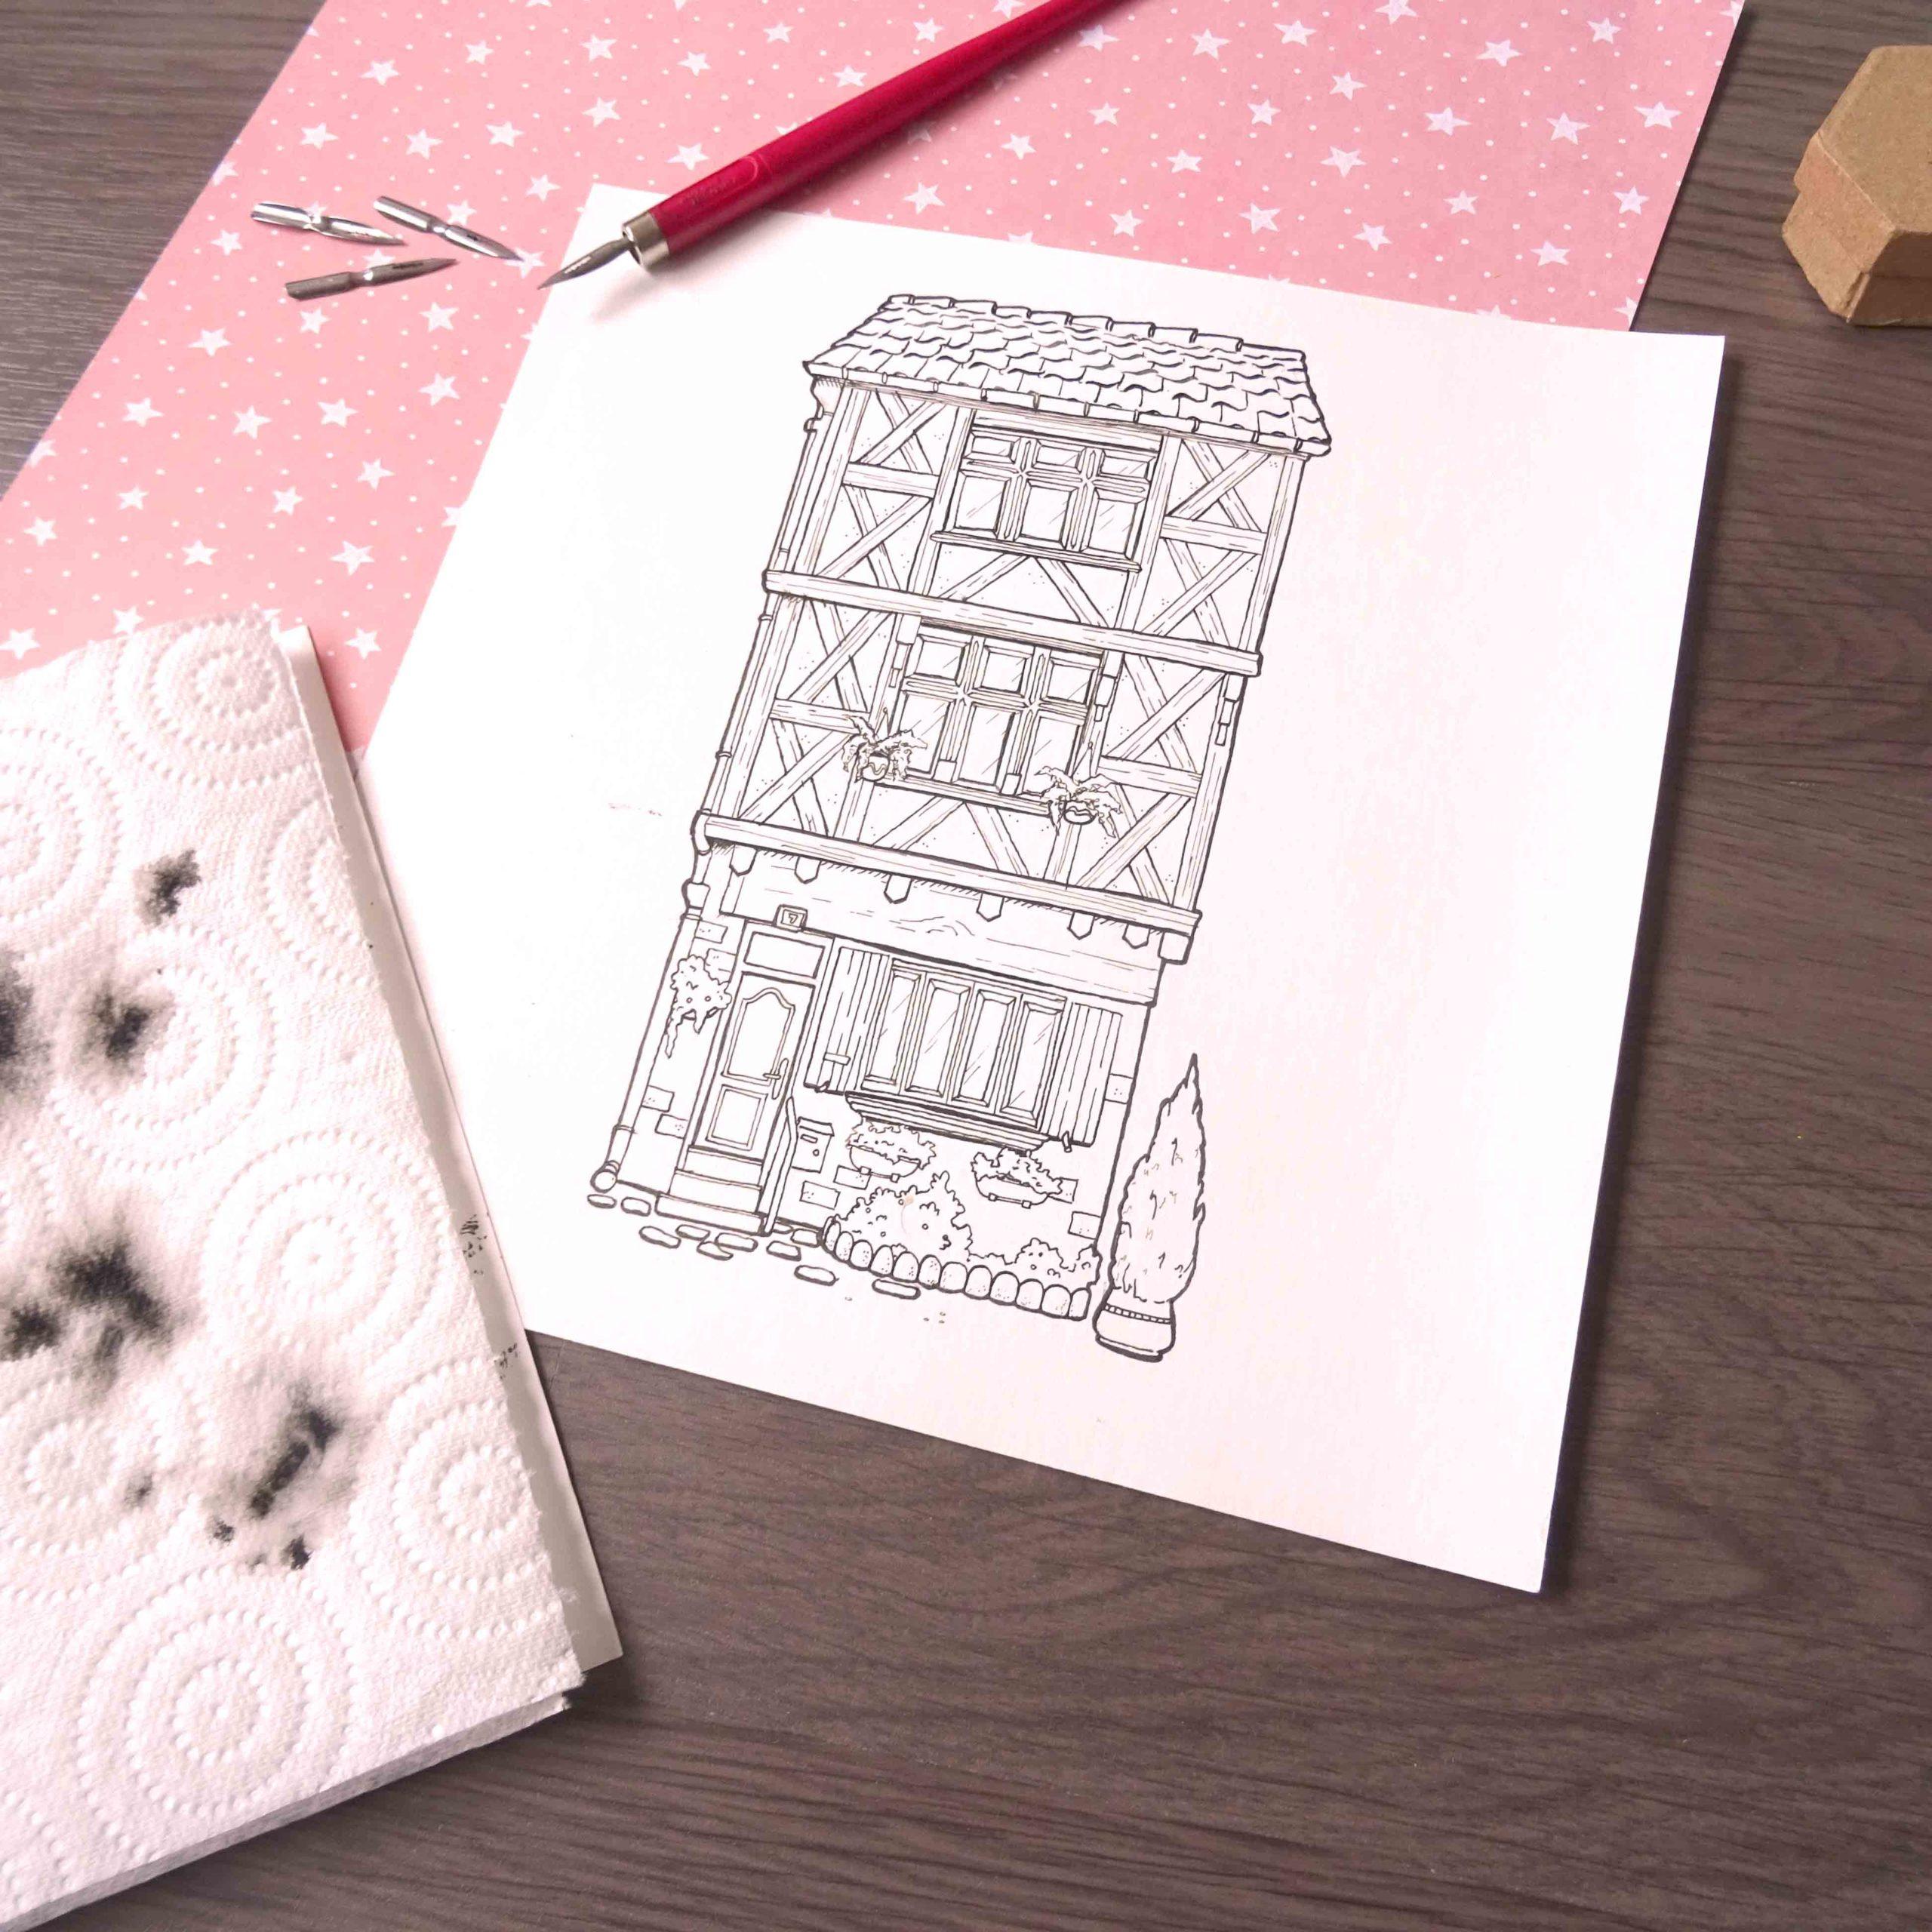 Illustration : photo de l'illustration d'une maison à colombage faite à l'encre de chine